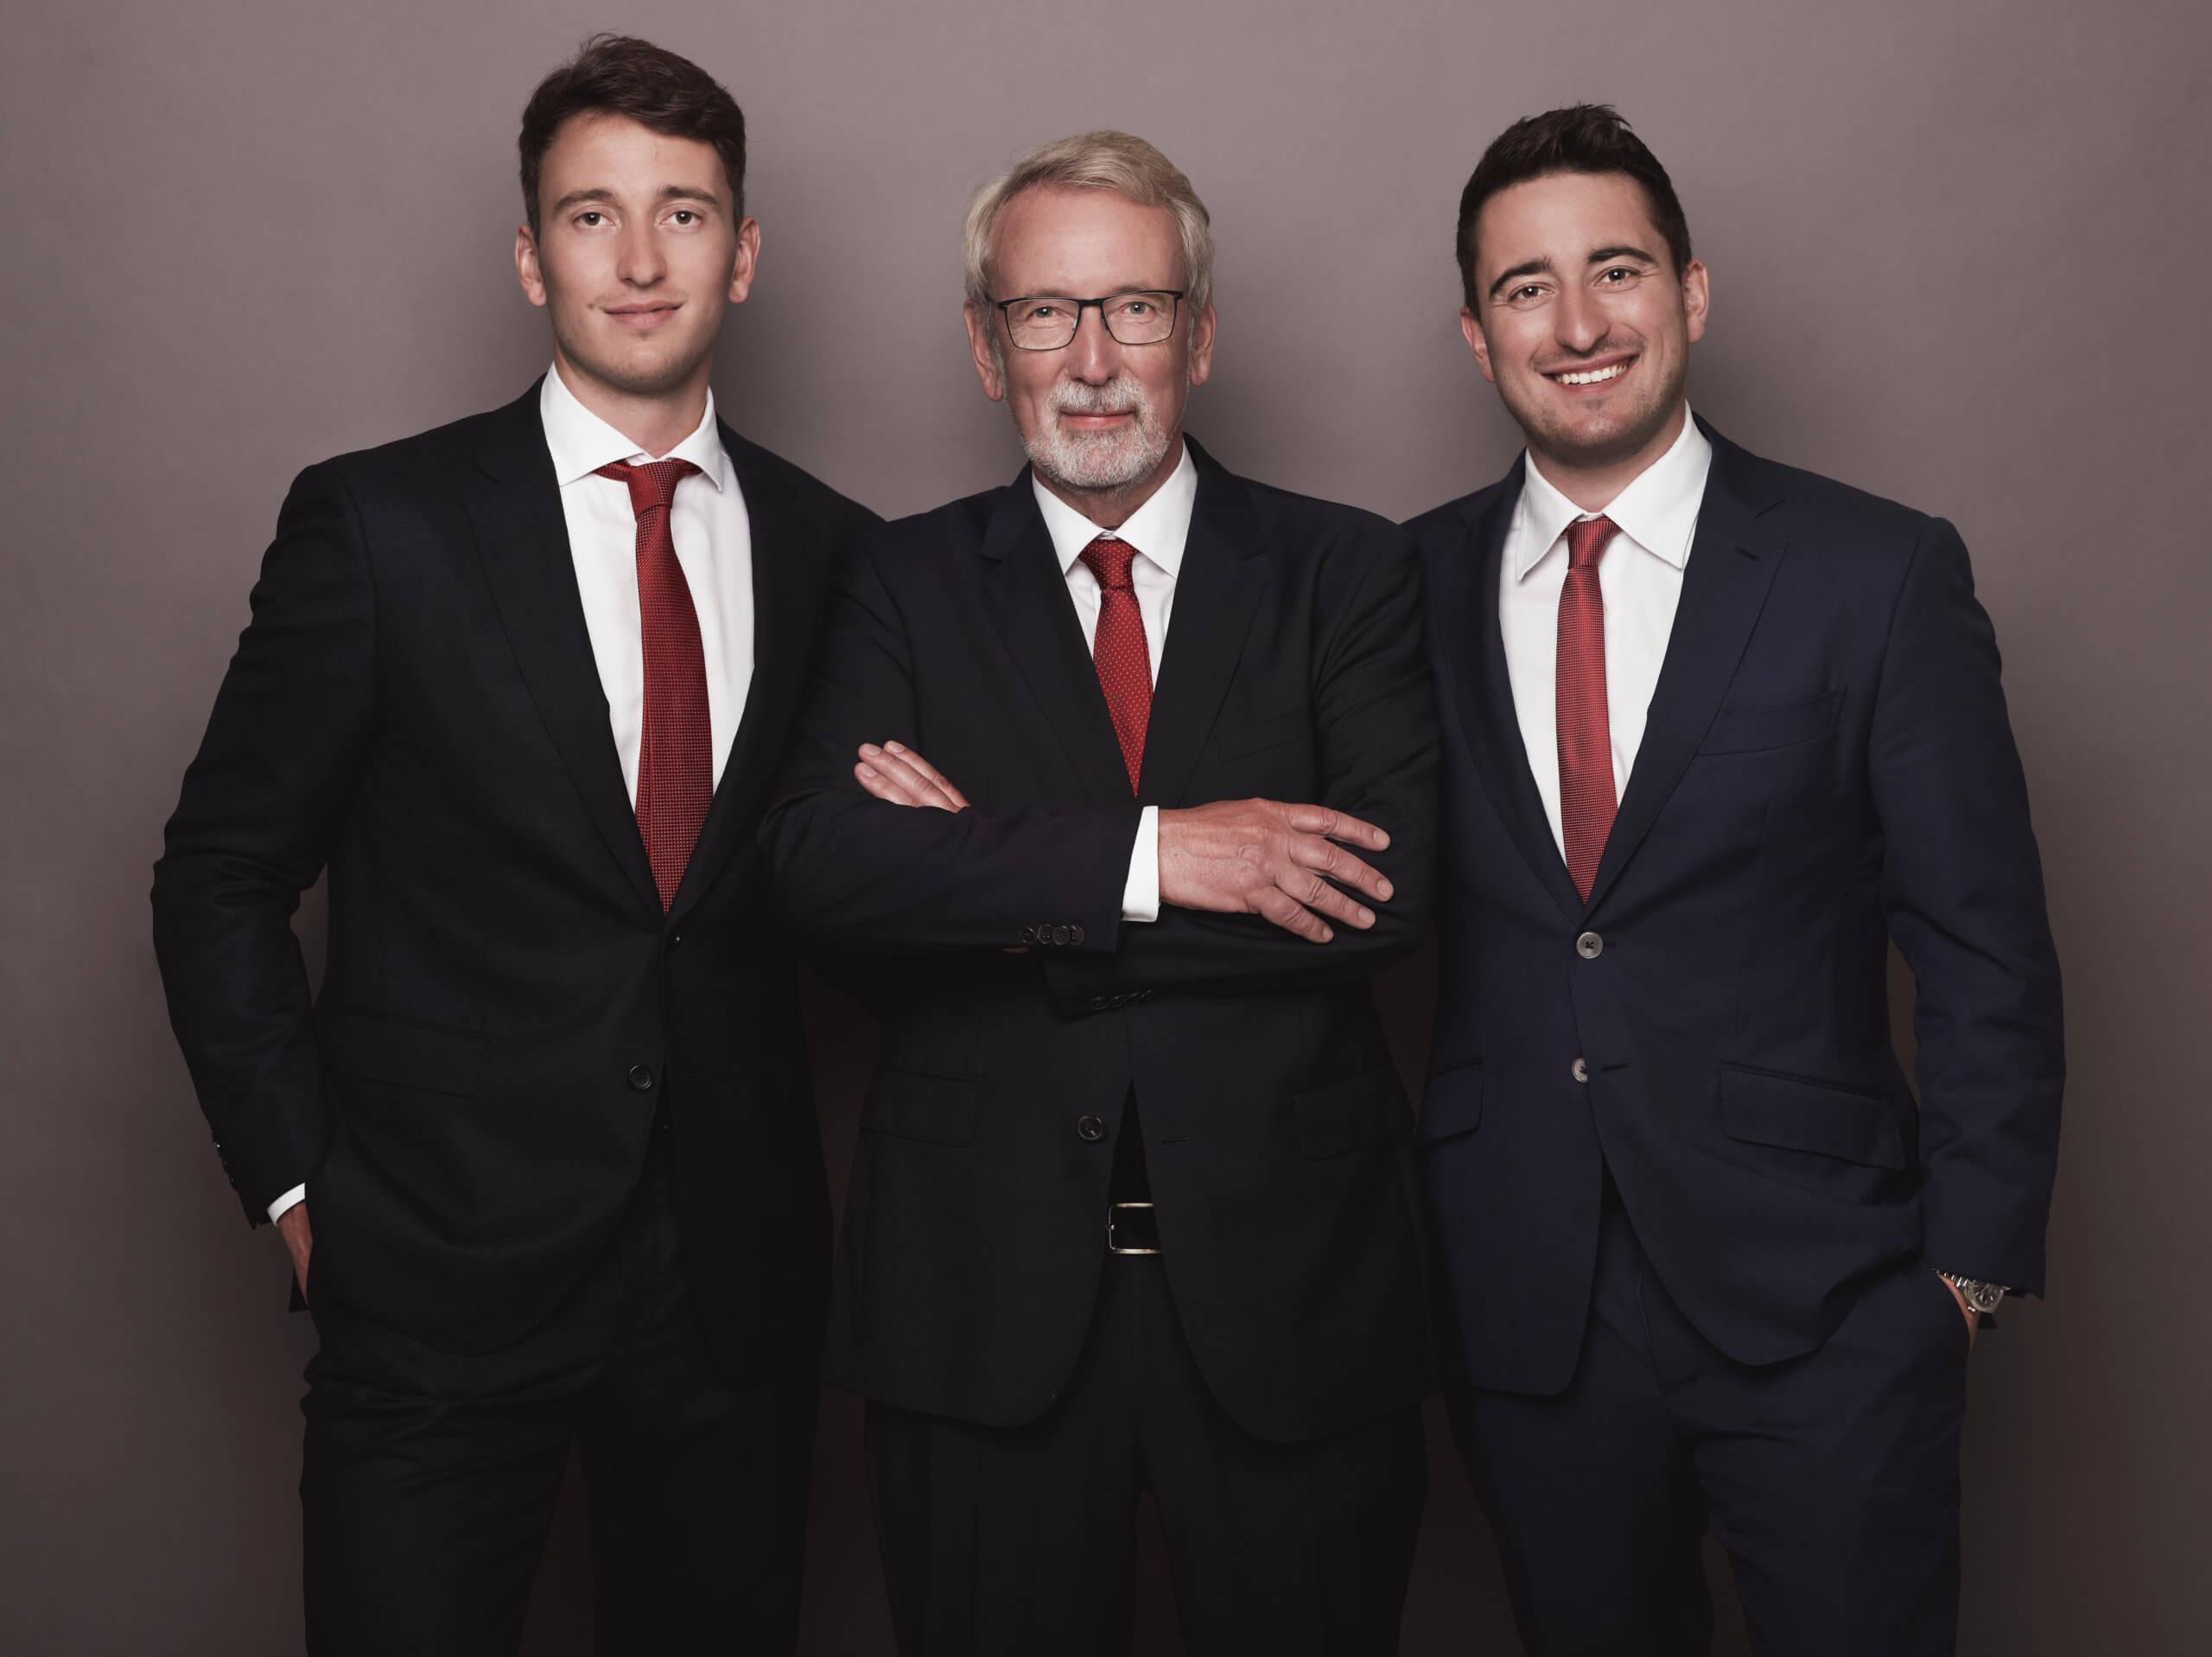 Timo, Bernd and Daniel von der Heide